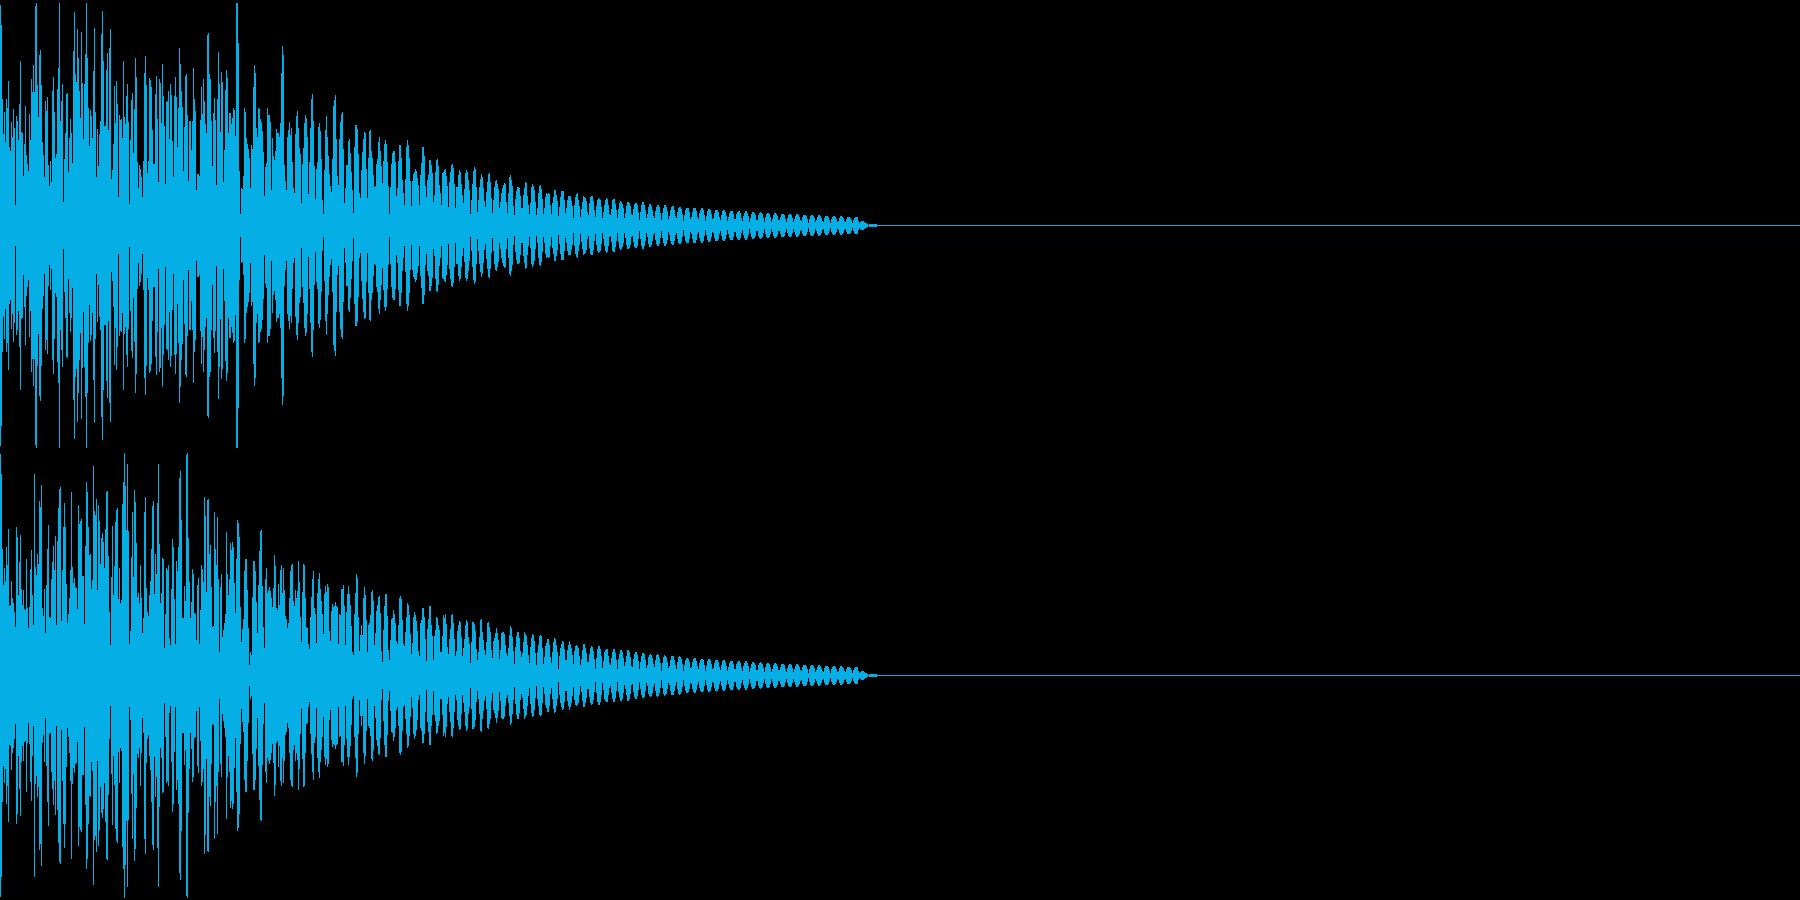 キック/壮大/広範囲/ドラム/低音/1Aの再生済みの波形